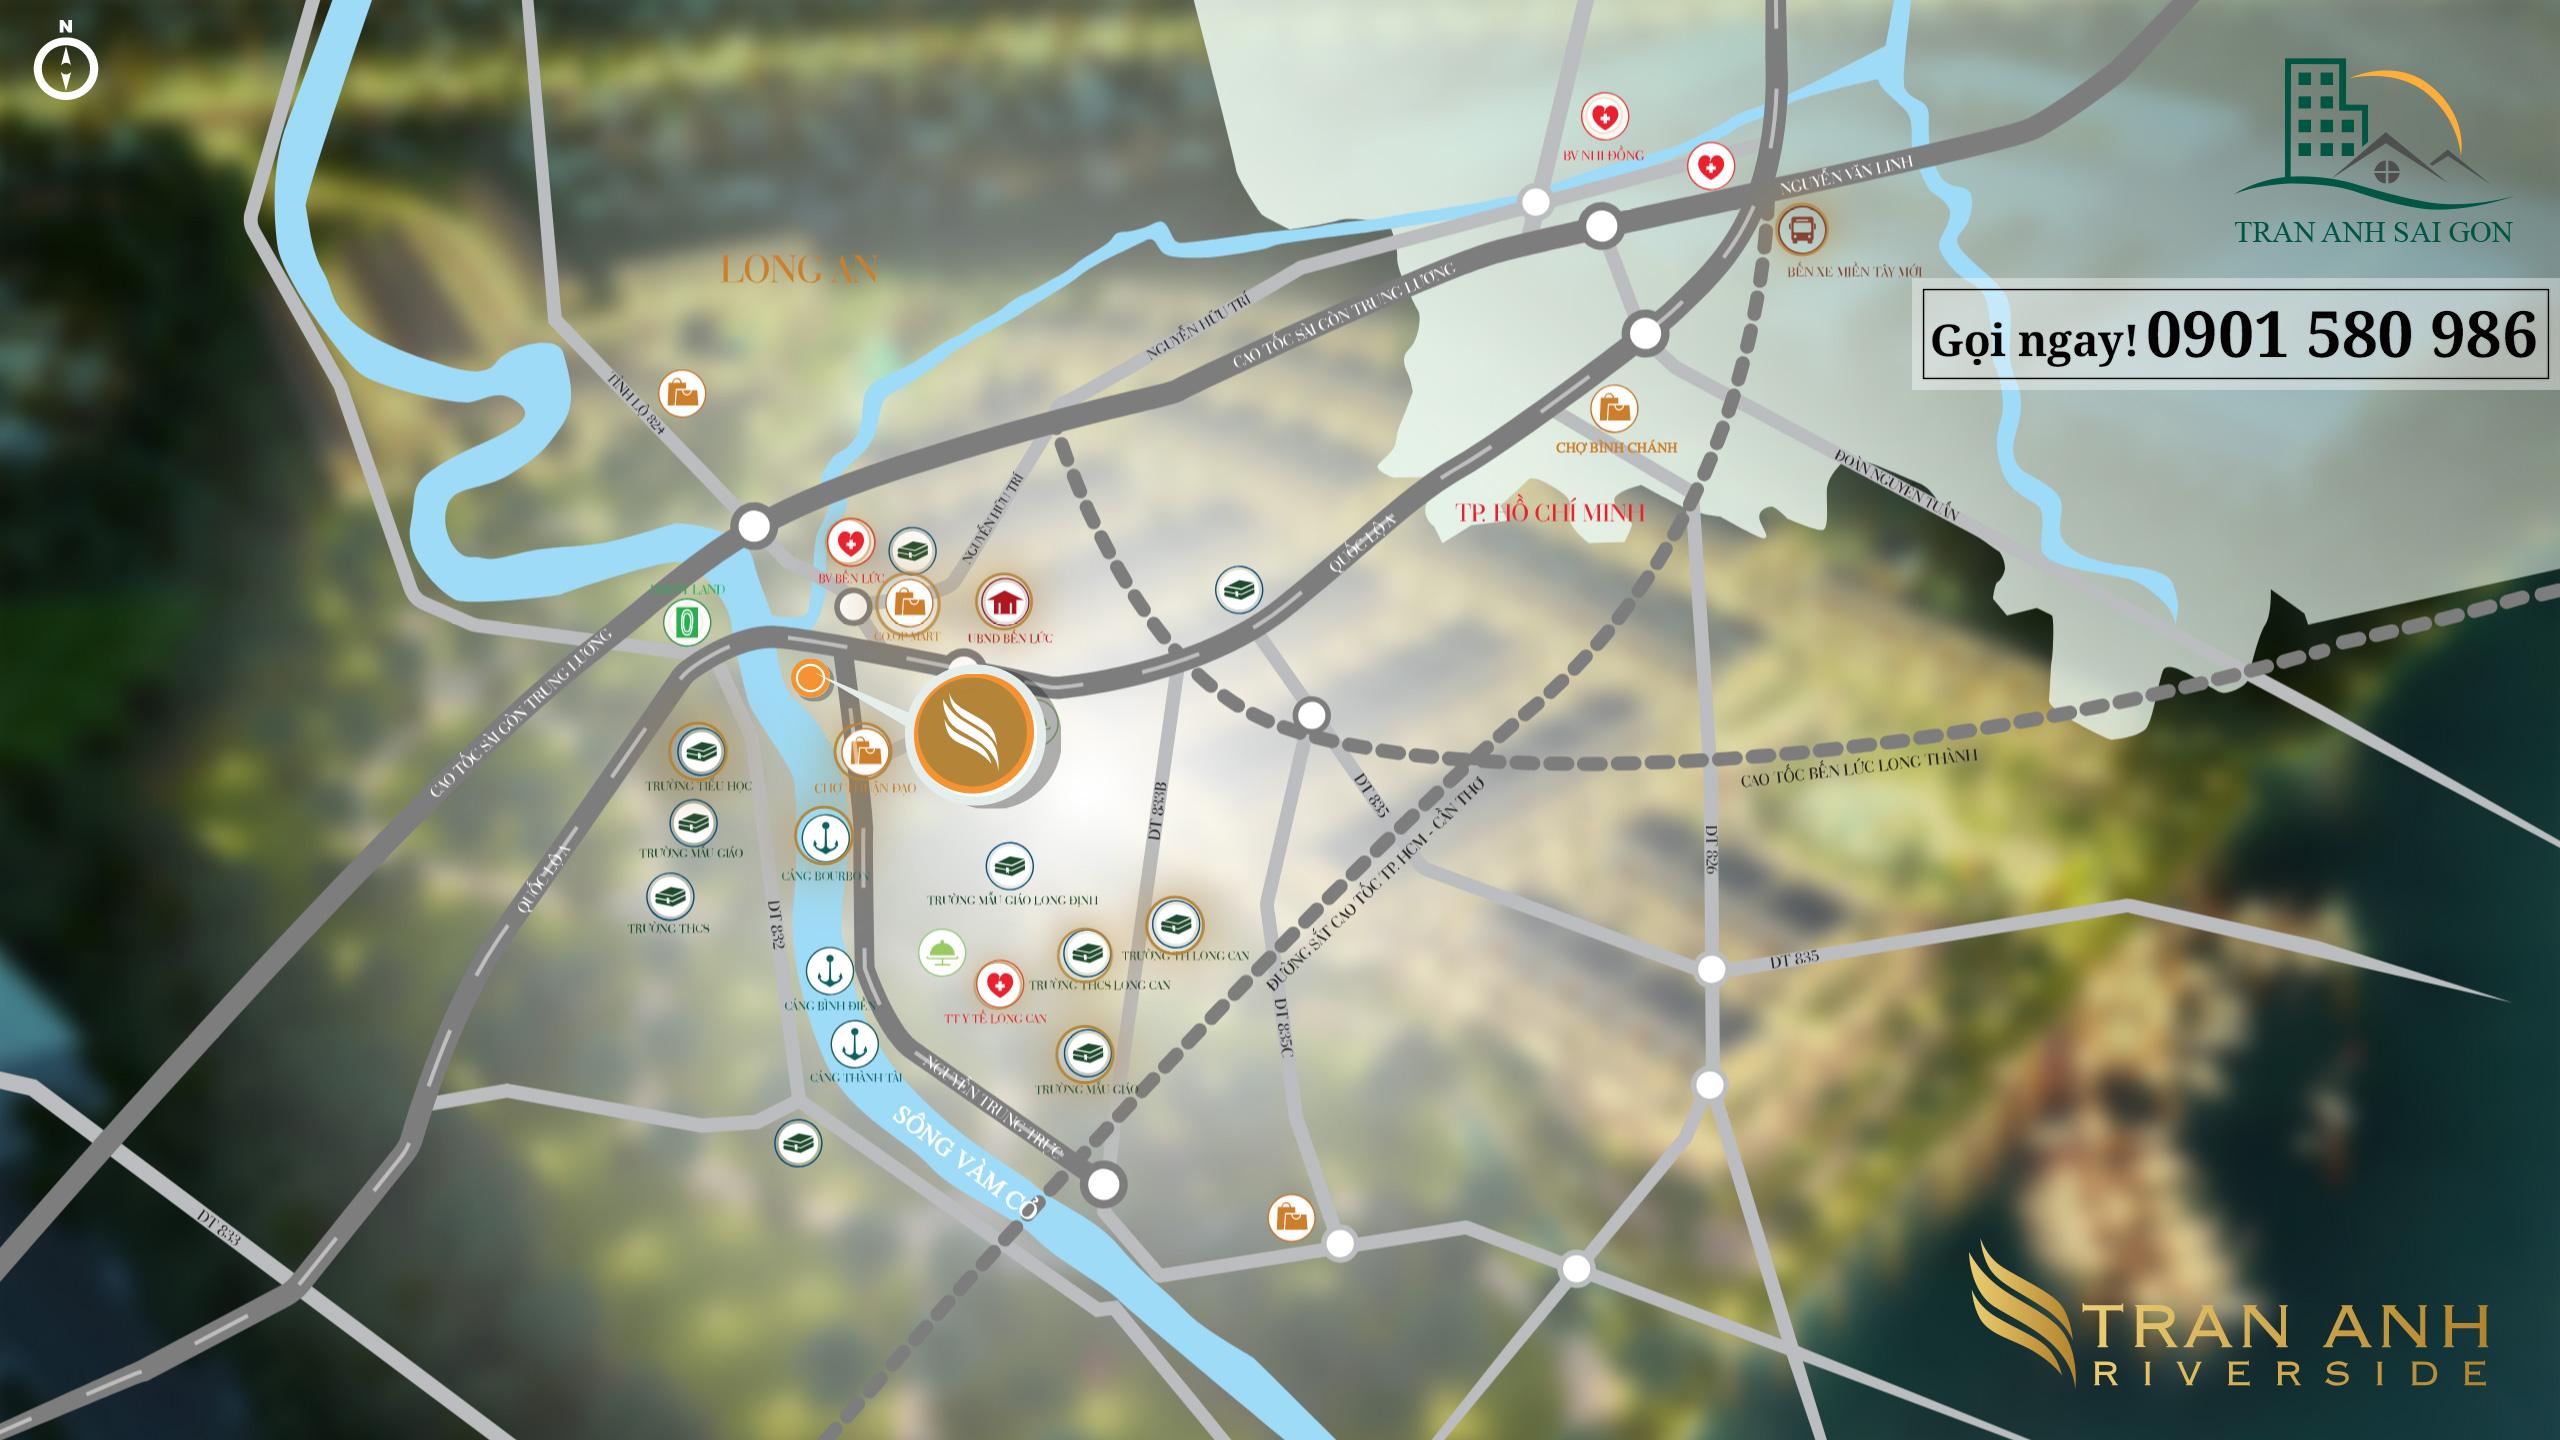 Trần Anh Riverside – khu biệt thự ven sông với 60% diện tích xanh